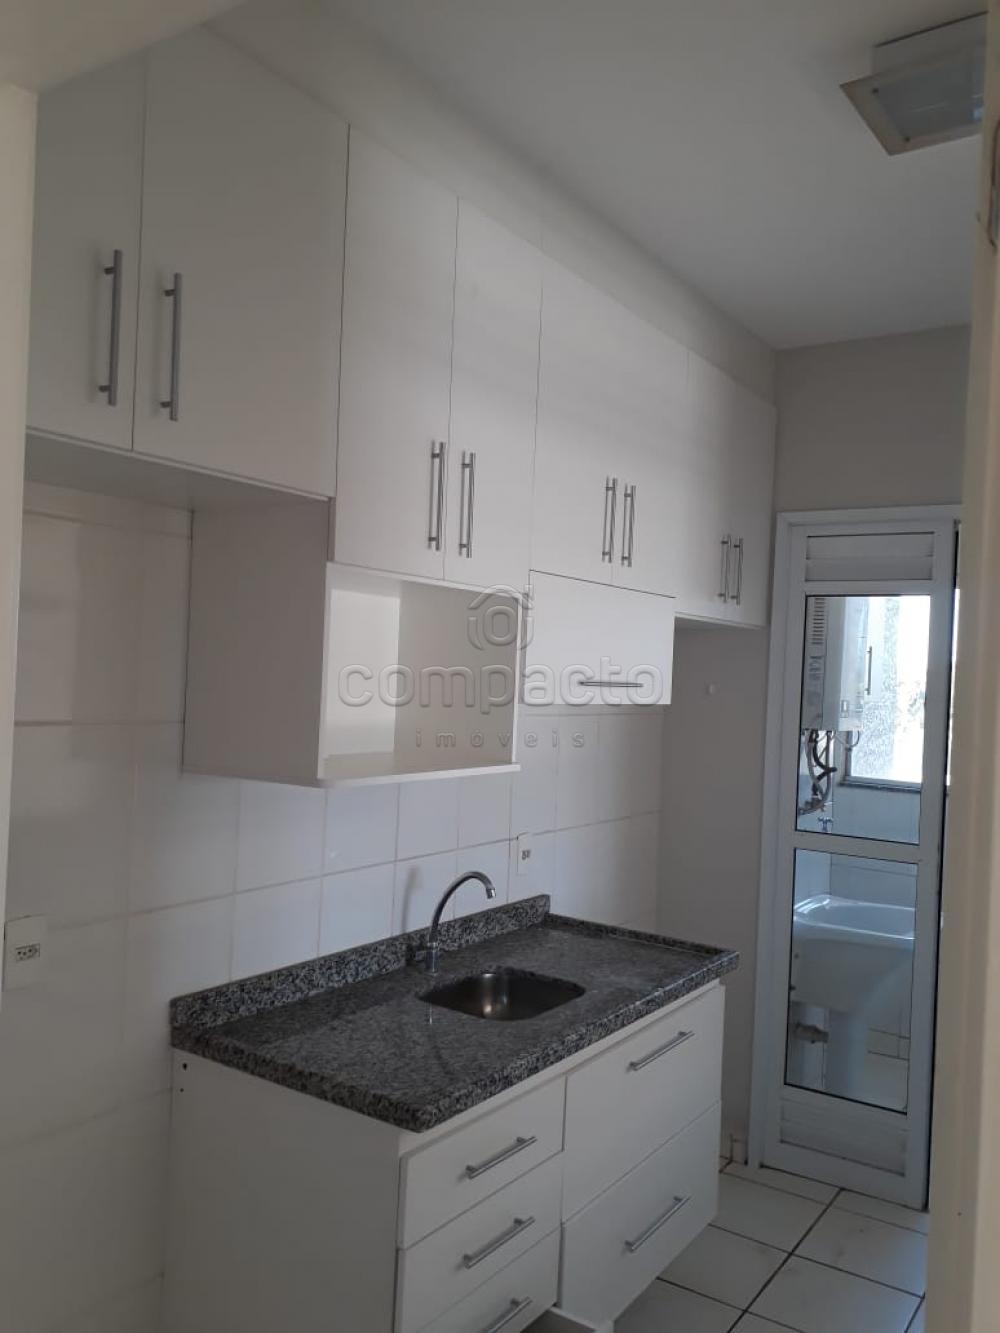 Alugar Apartamento / Padrão em São José do Rio Preto apenas R$ 1.400,00 - Foto 5